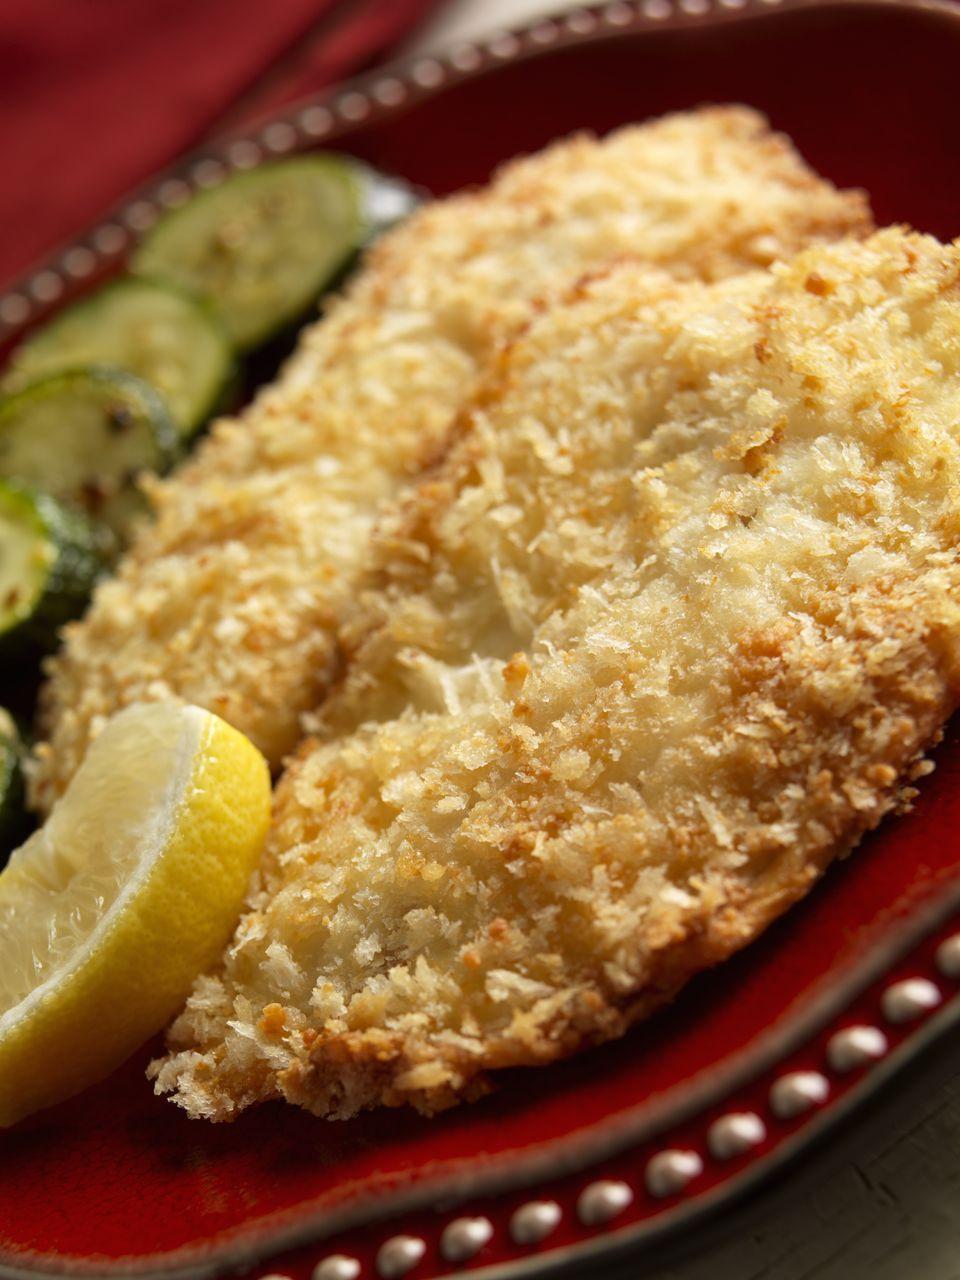 Filetes de pescado con papas fritas con alioli de limón y ajo